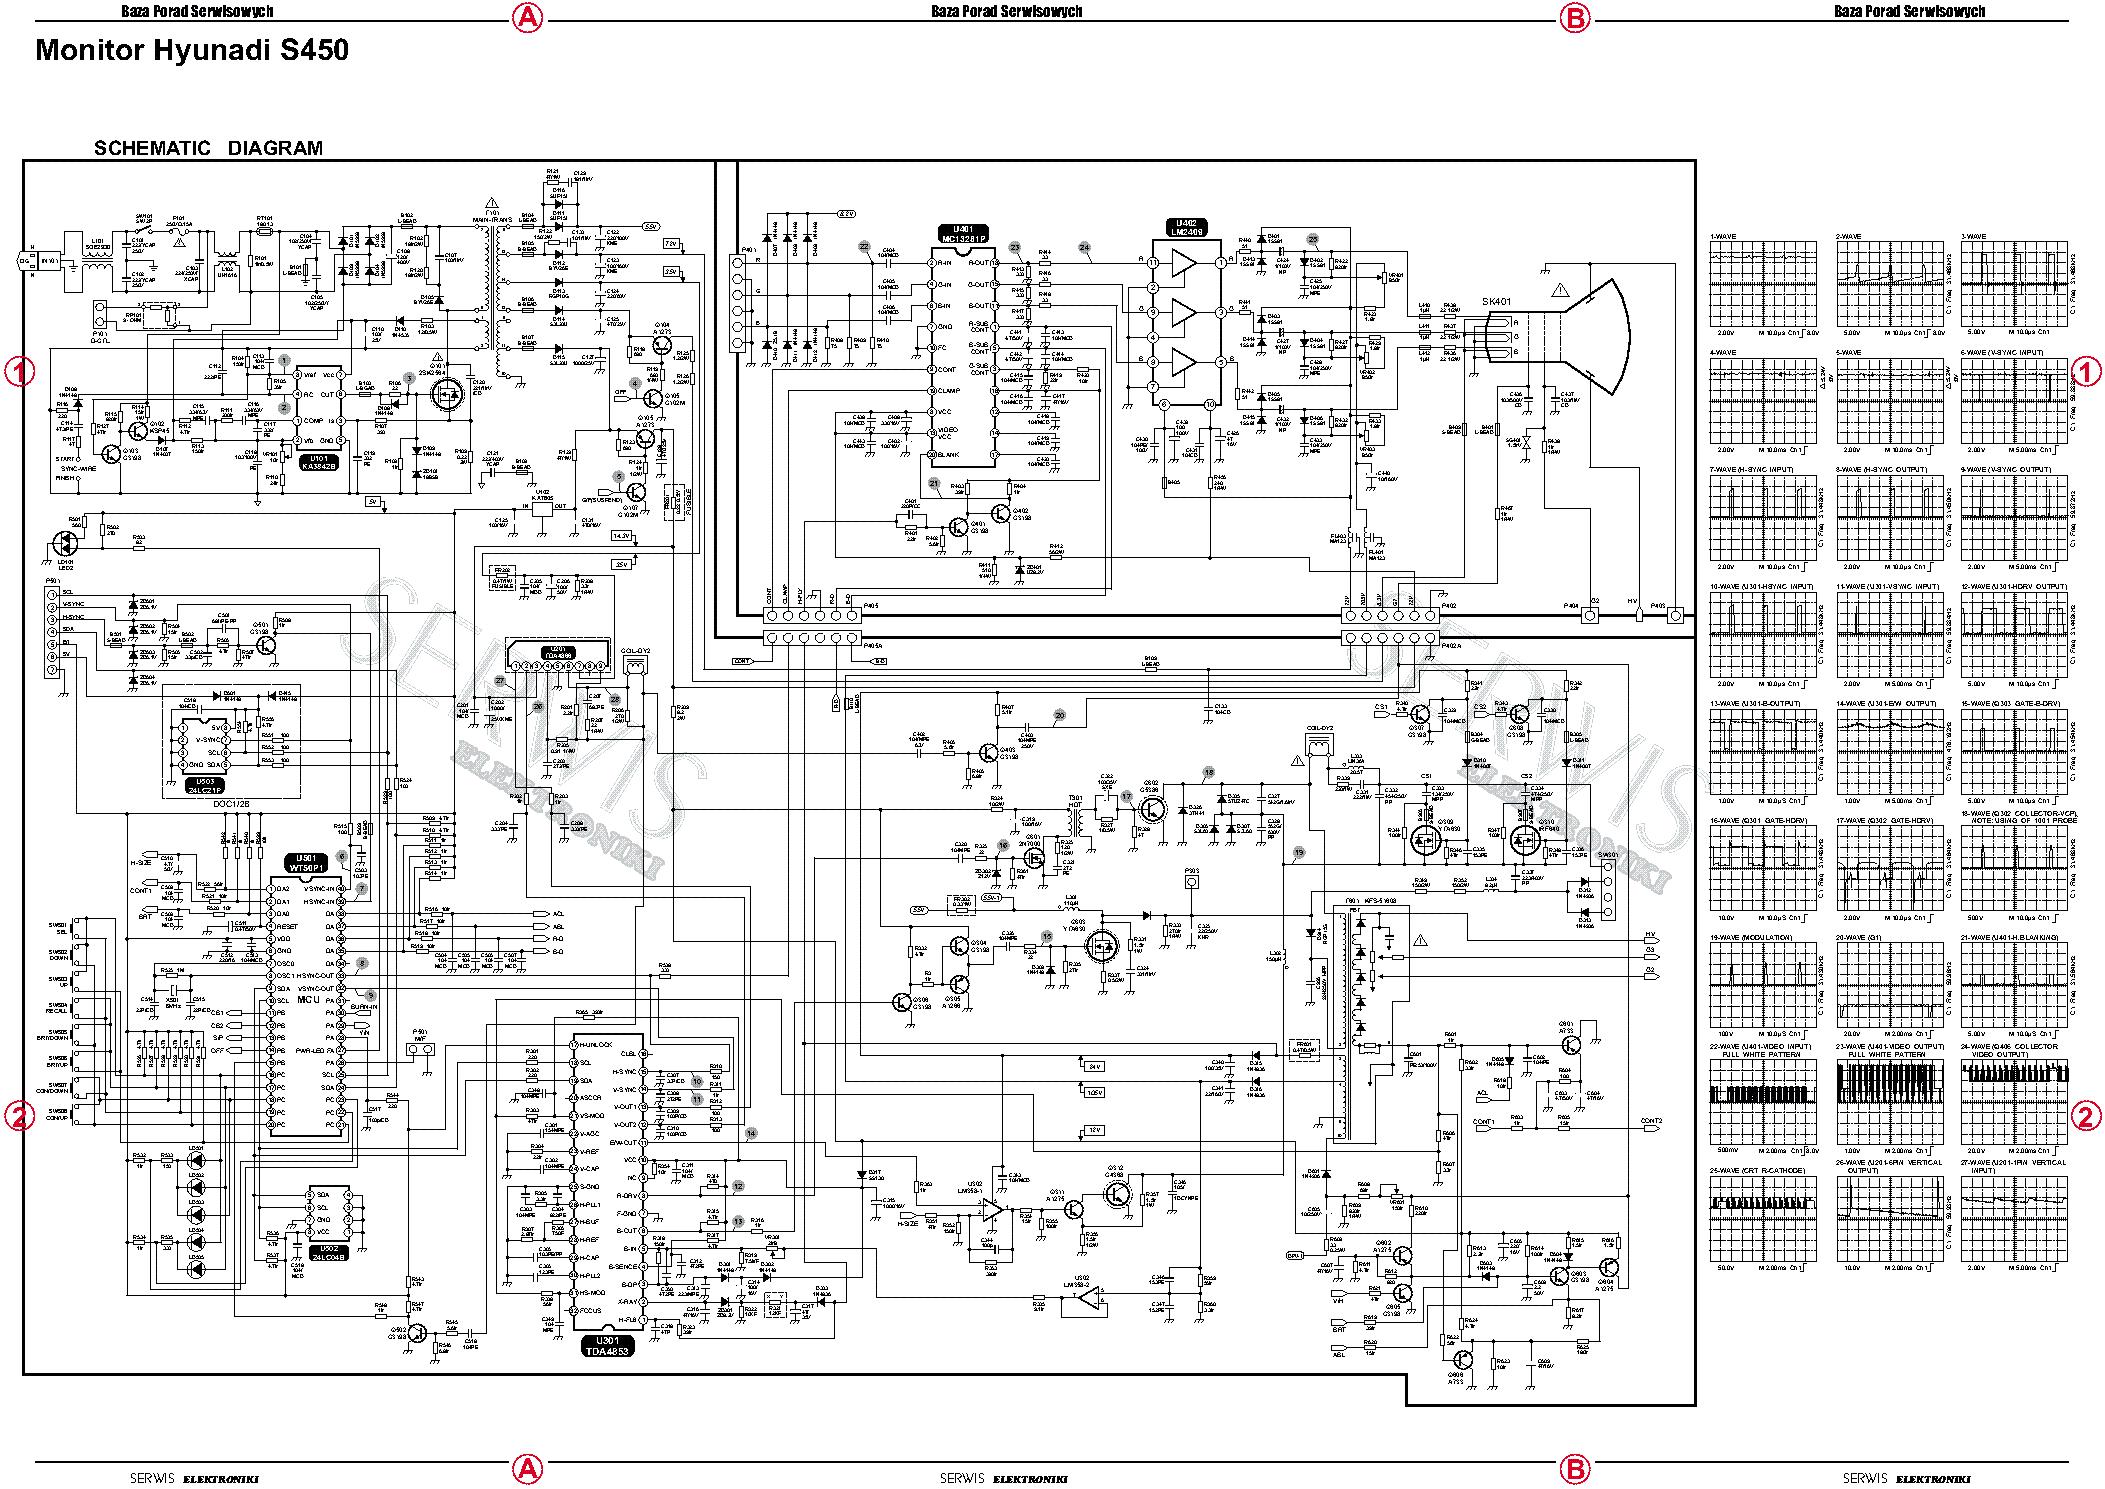 hyundai deluxscan v560